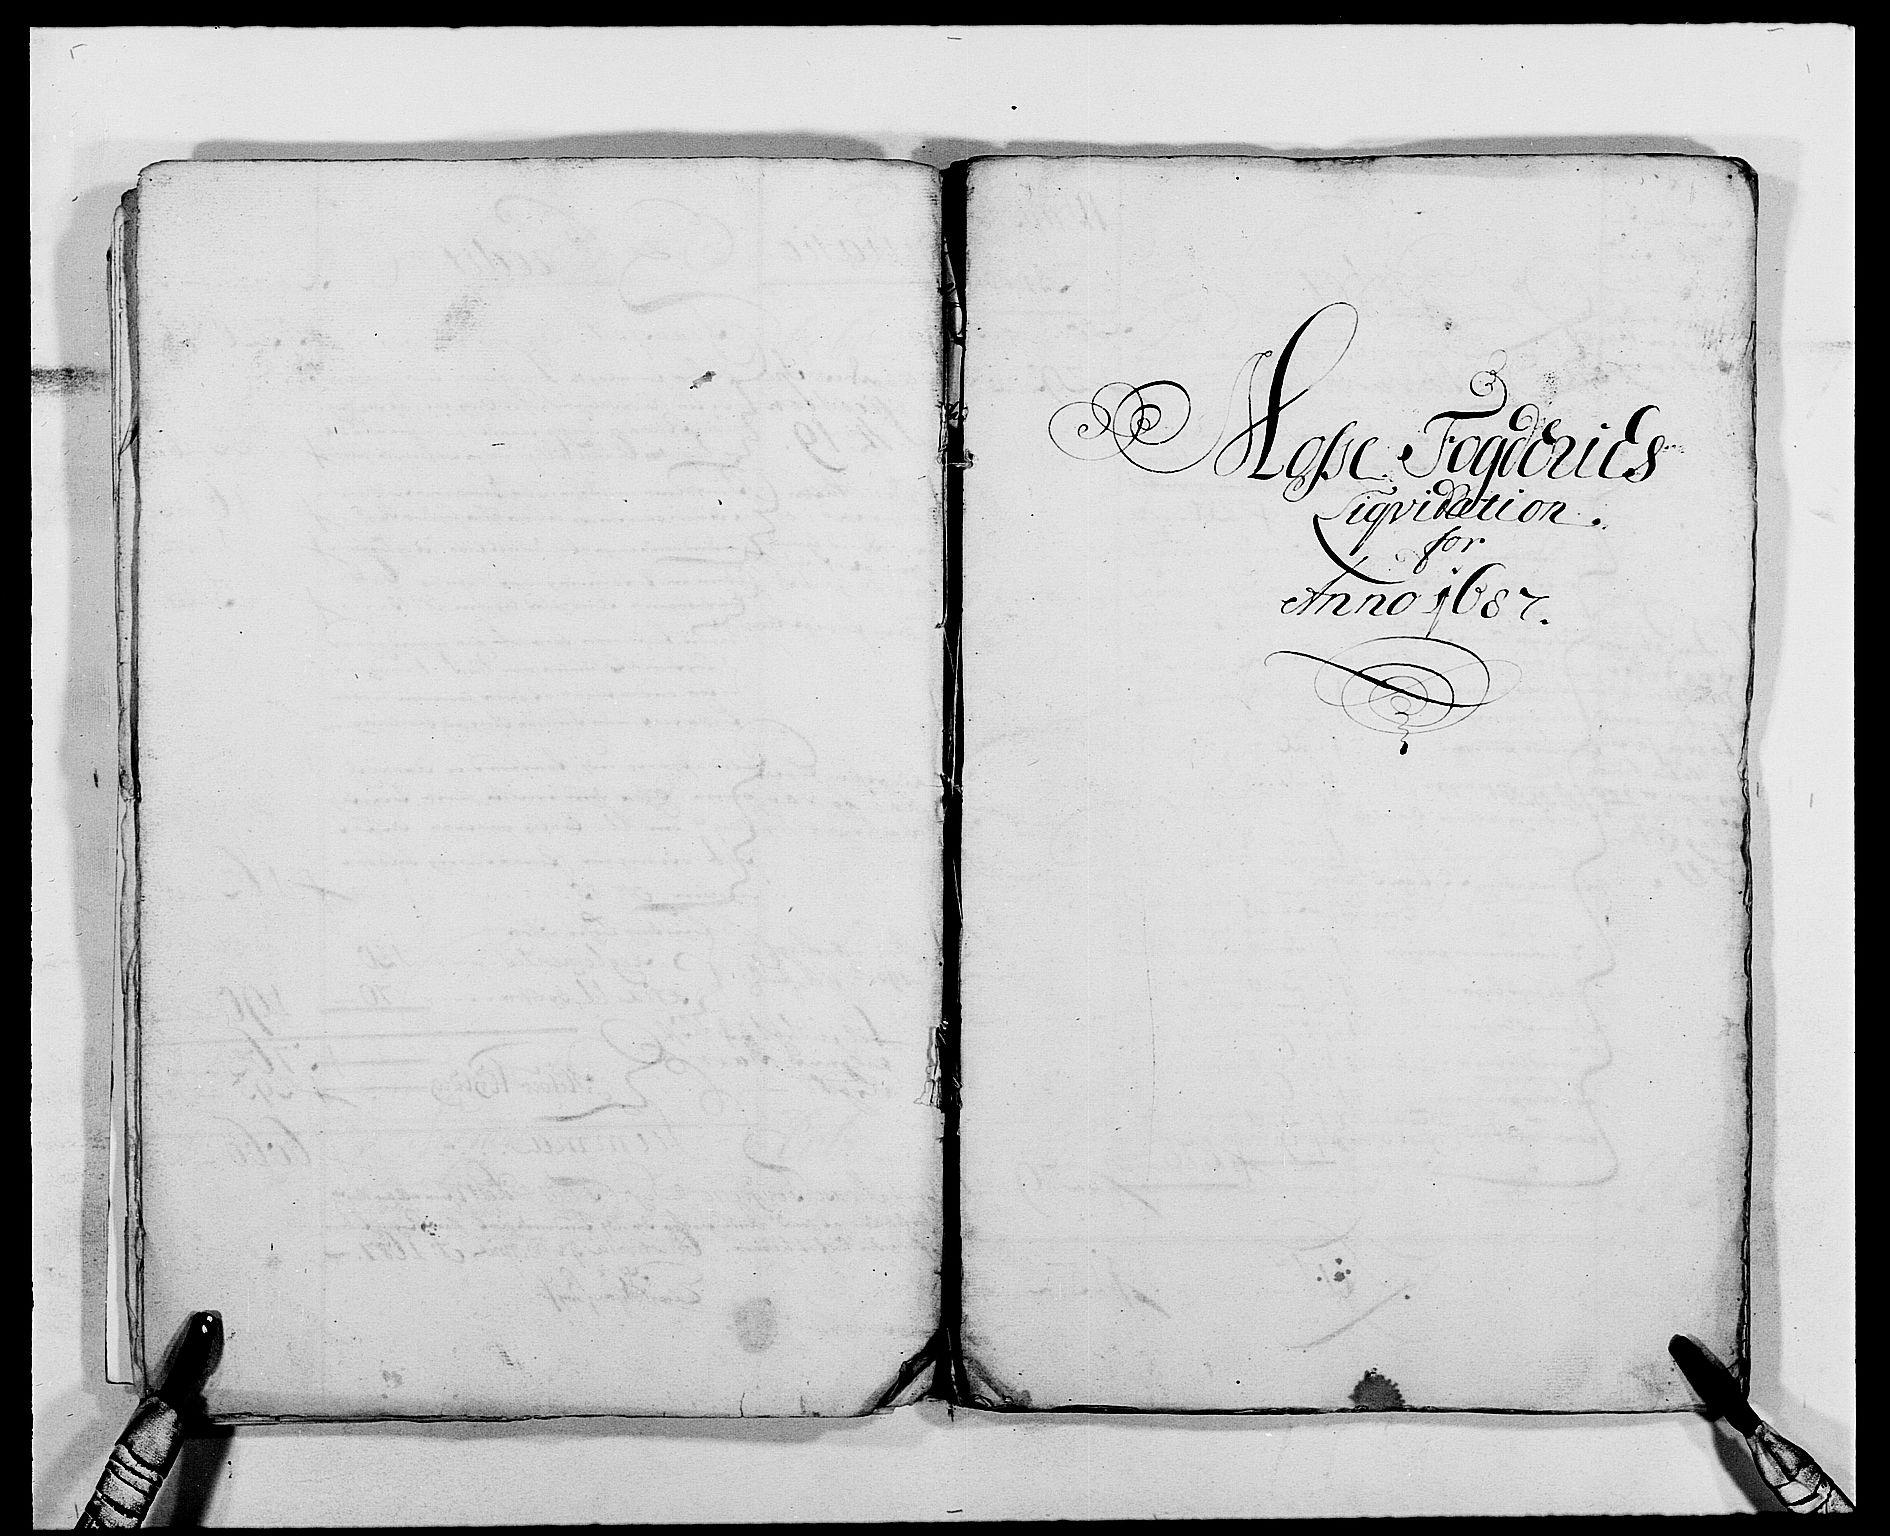 RA, Rentekammeret inntil 1814, Reviderte regnskaper, Fogderegnskap, R02/L0107: Fogderegnskap Moss og Verne kloster, 1685-1691, s. 16